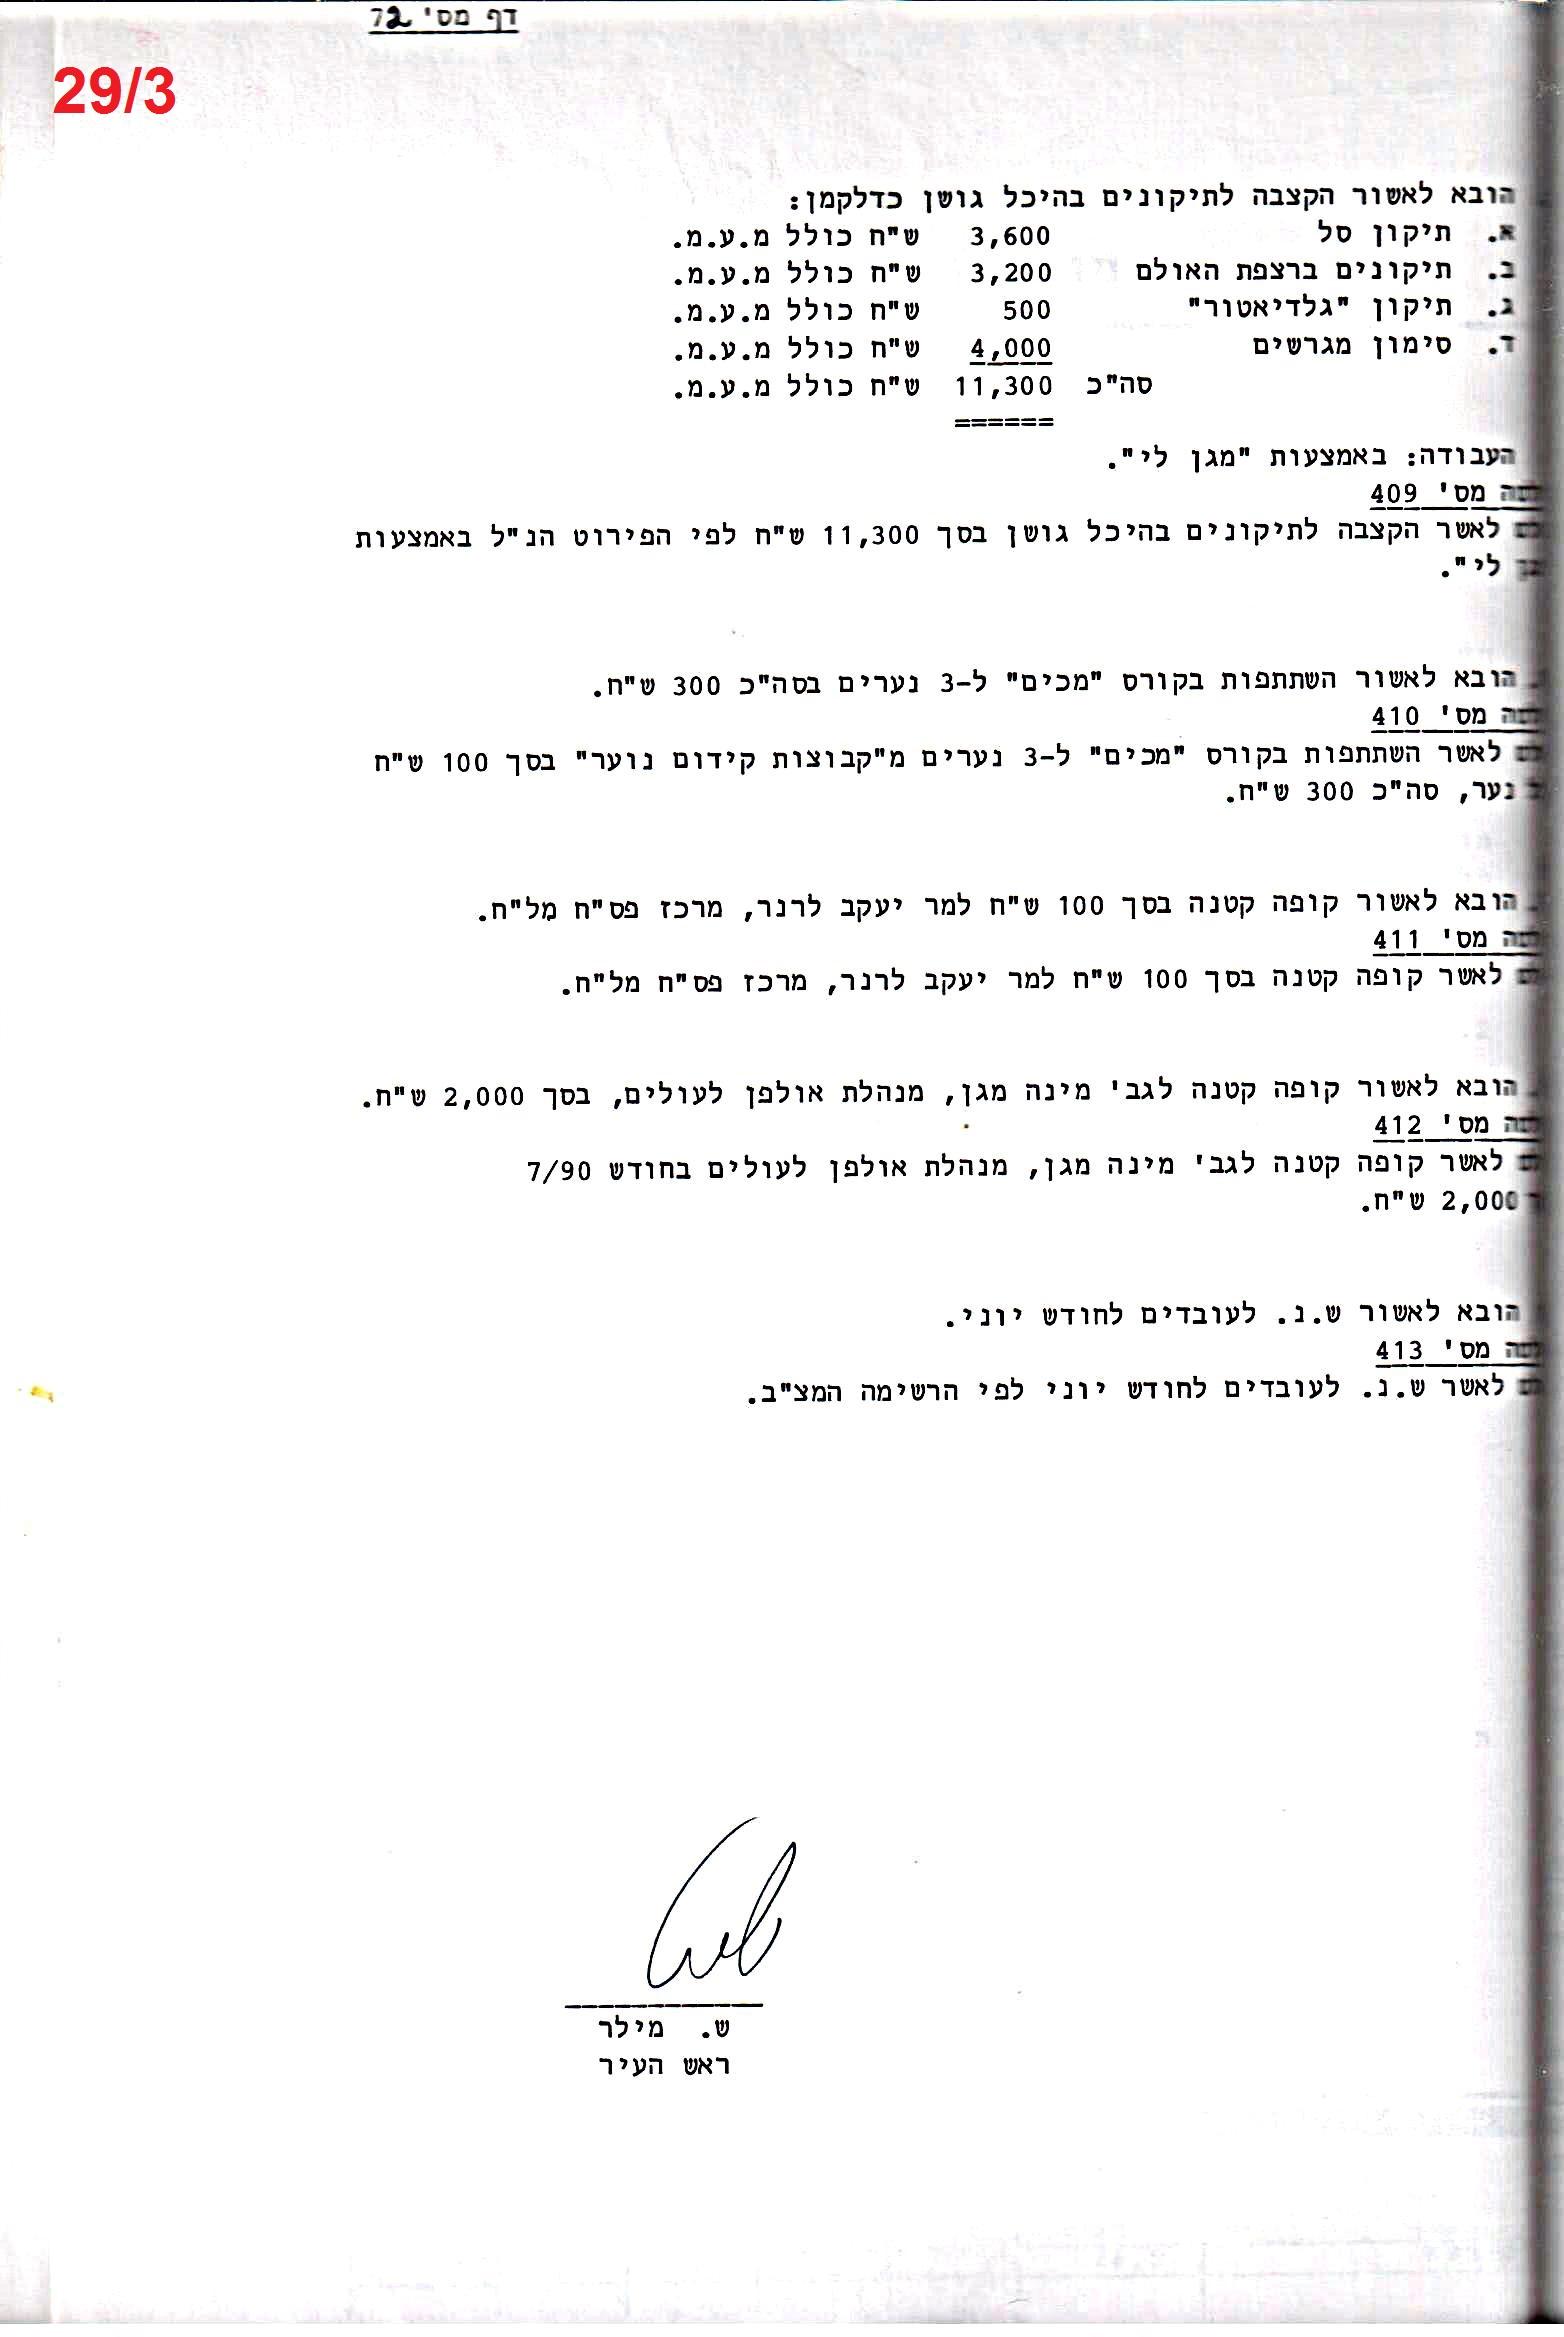 פרוטוקול 24 – ועדות – 17.6.91 – 11.5.89 כספים by riki deri - Illustrated by  מוזיאון בית גרושקביץ / כרך 24 - Ourboox.com